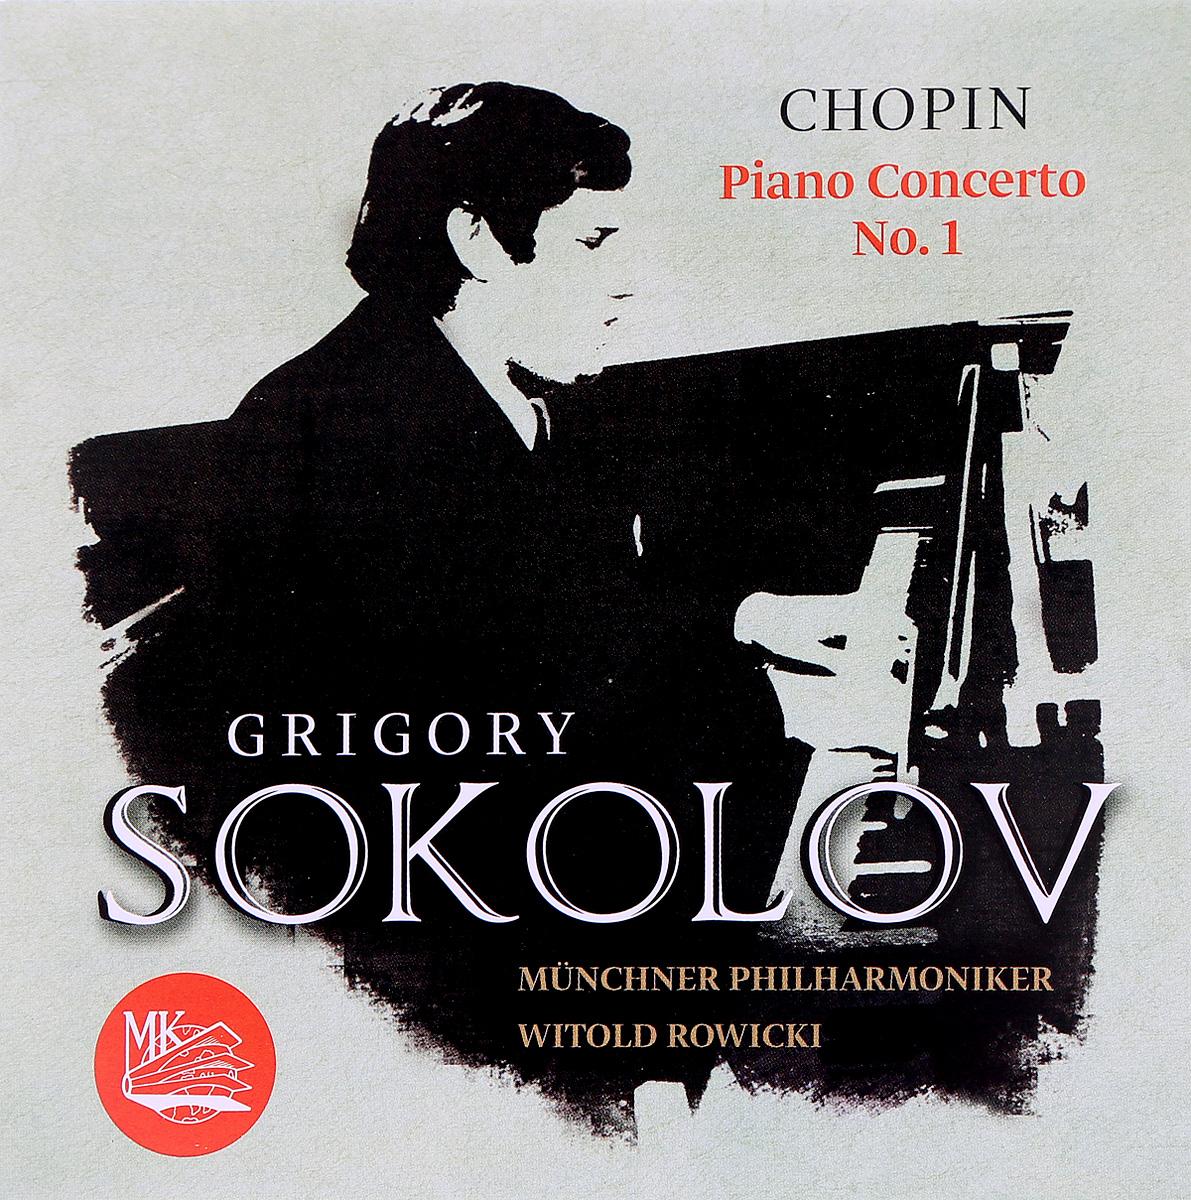 Grigory Sokolov. Chopin. Piano Concerto No. 1